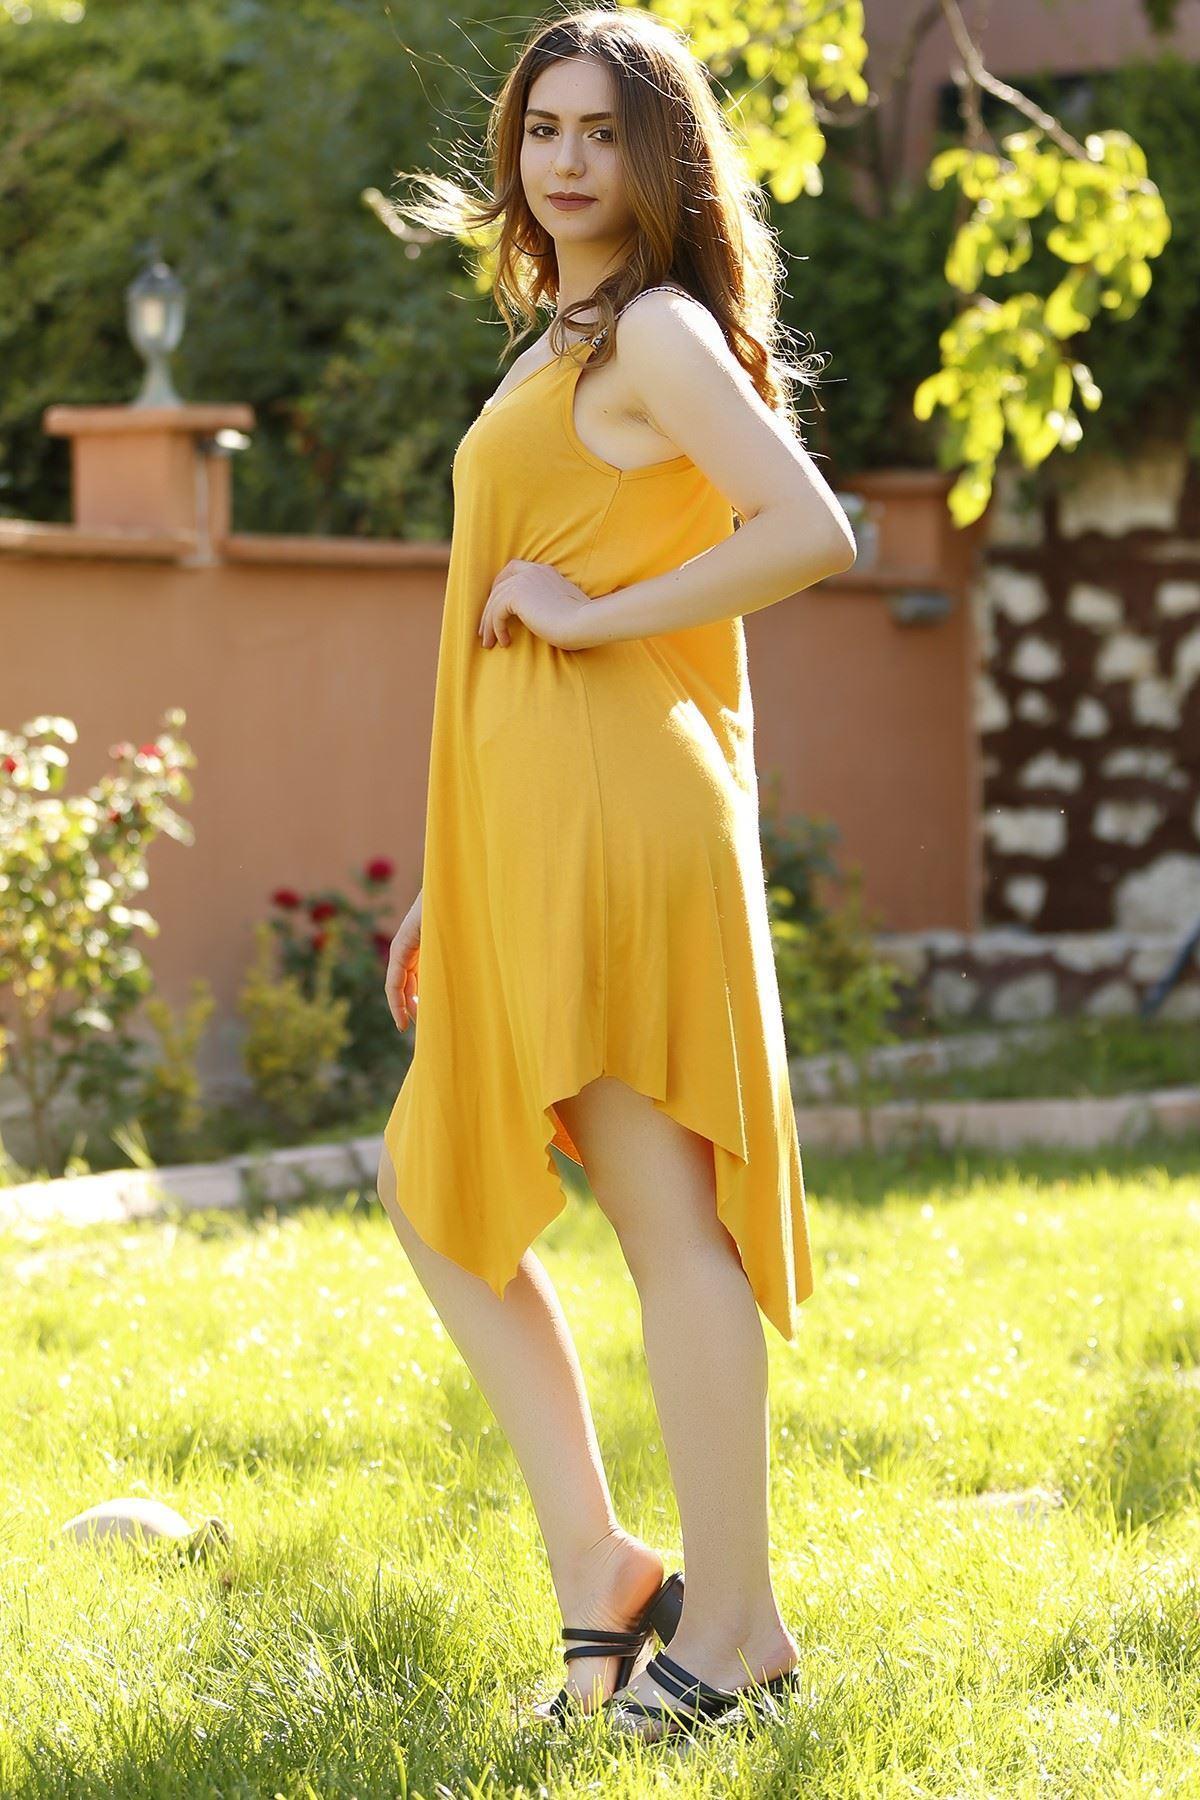 Omuzu Aksesuarlı Elbise Hardal - 1221.1095.